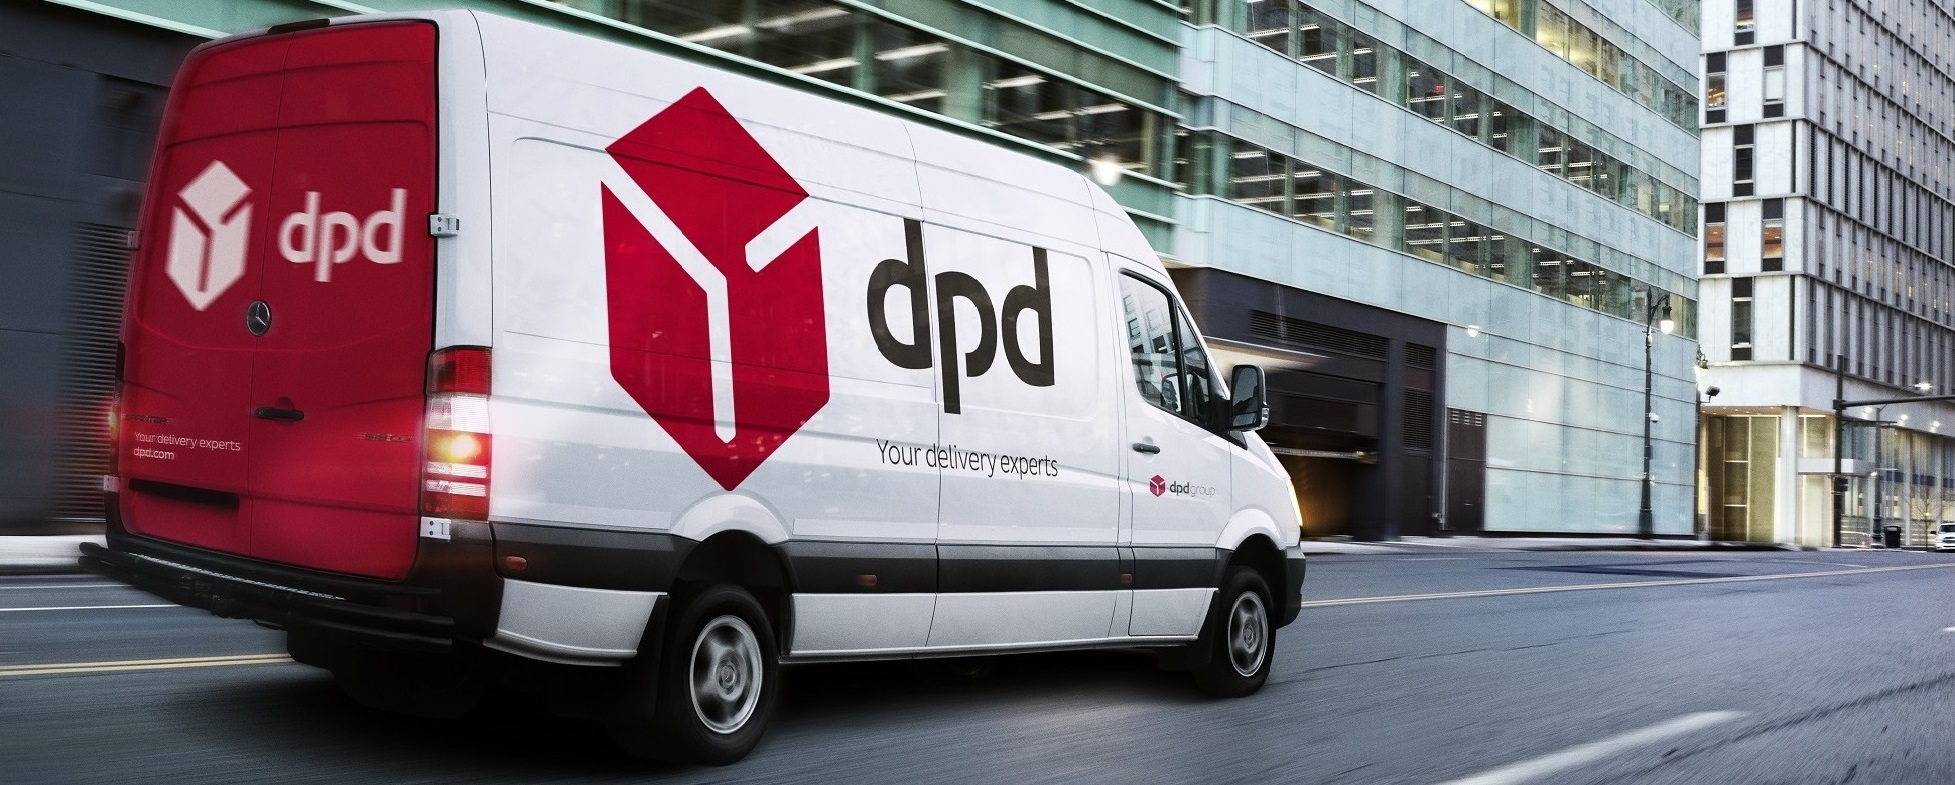 DPD_Van_Daytime3.jpg